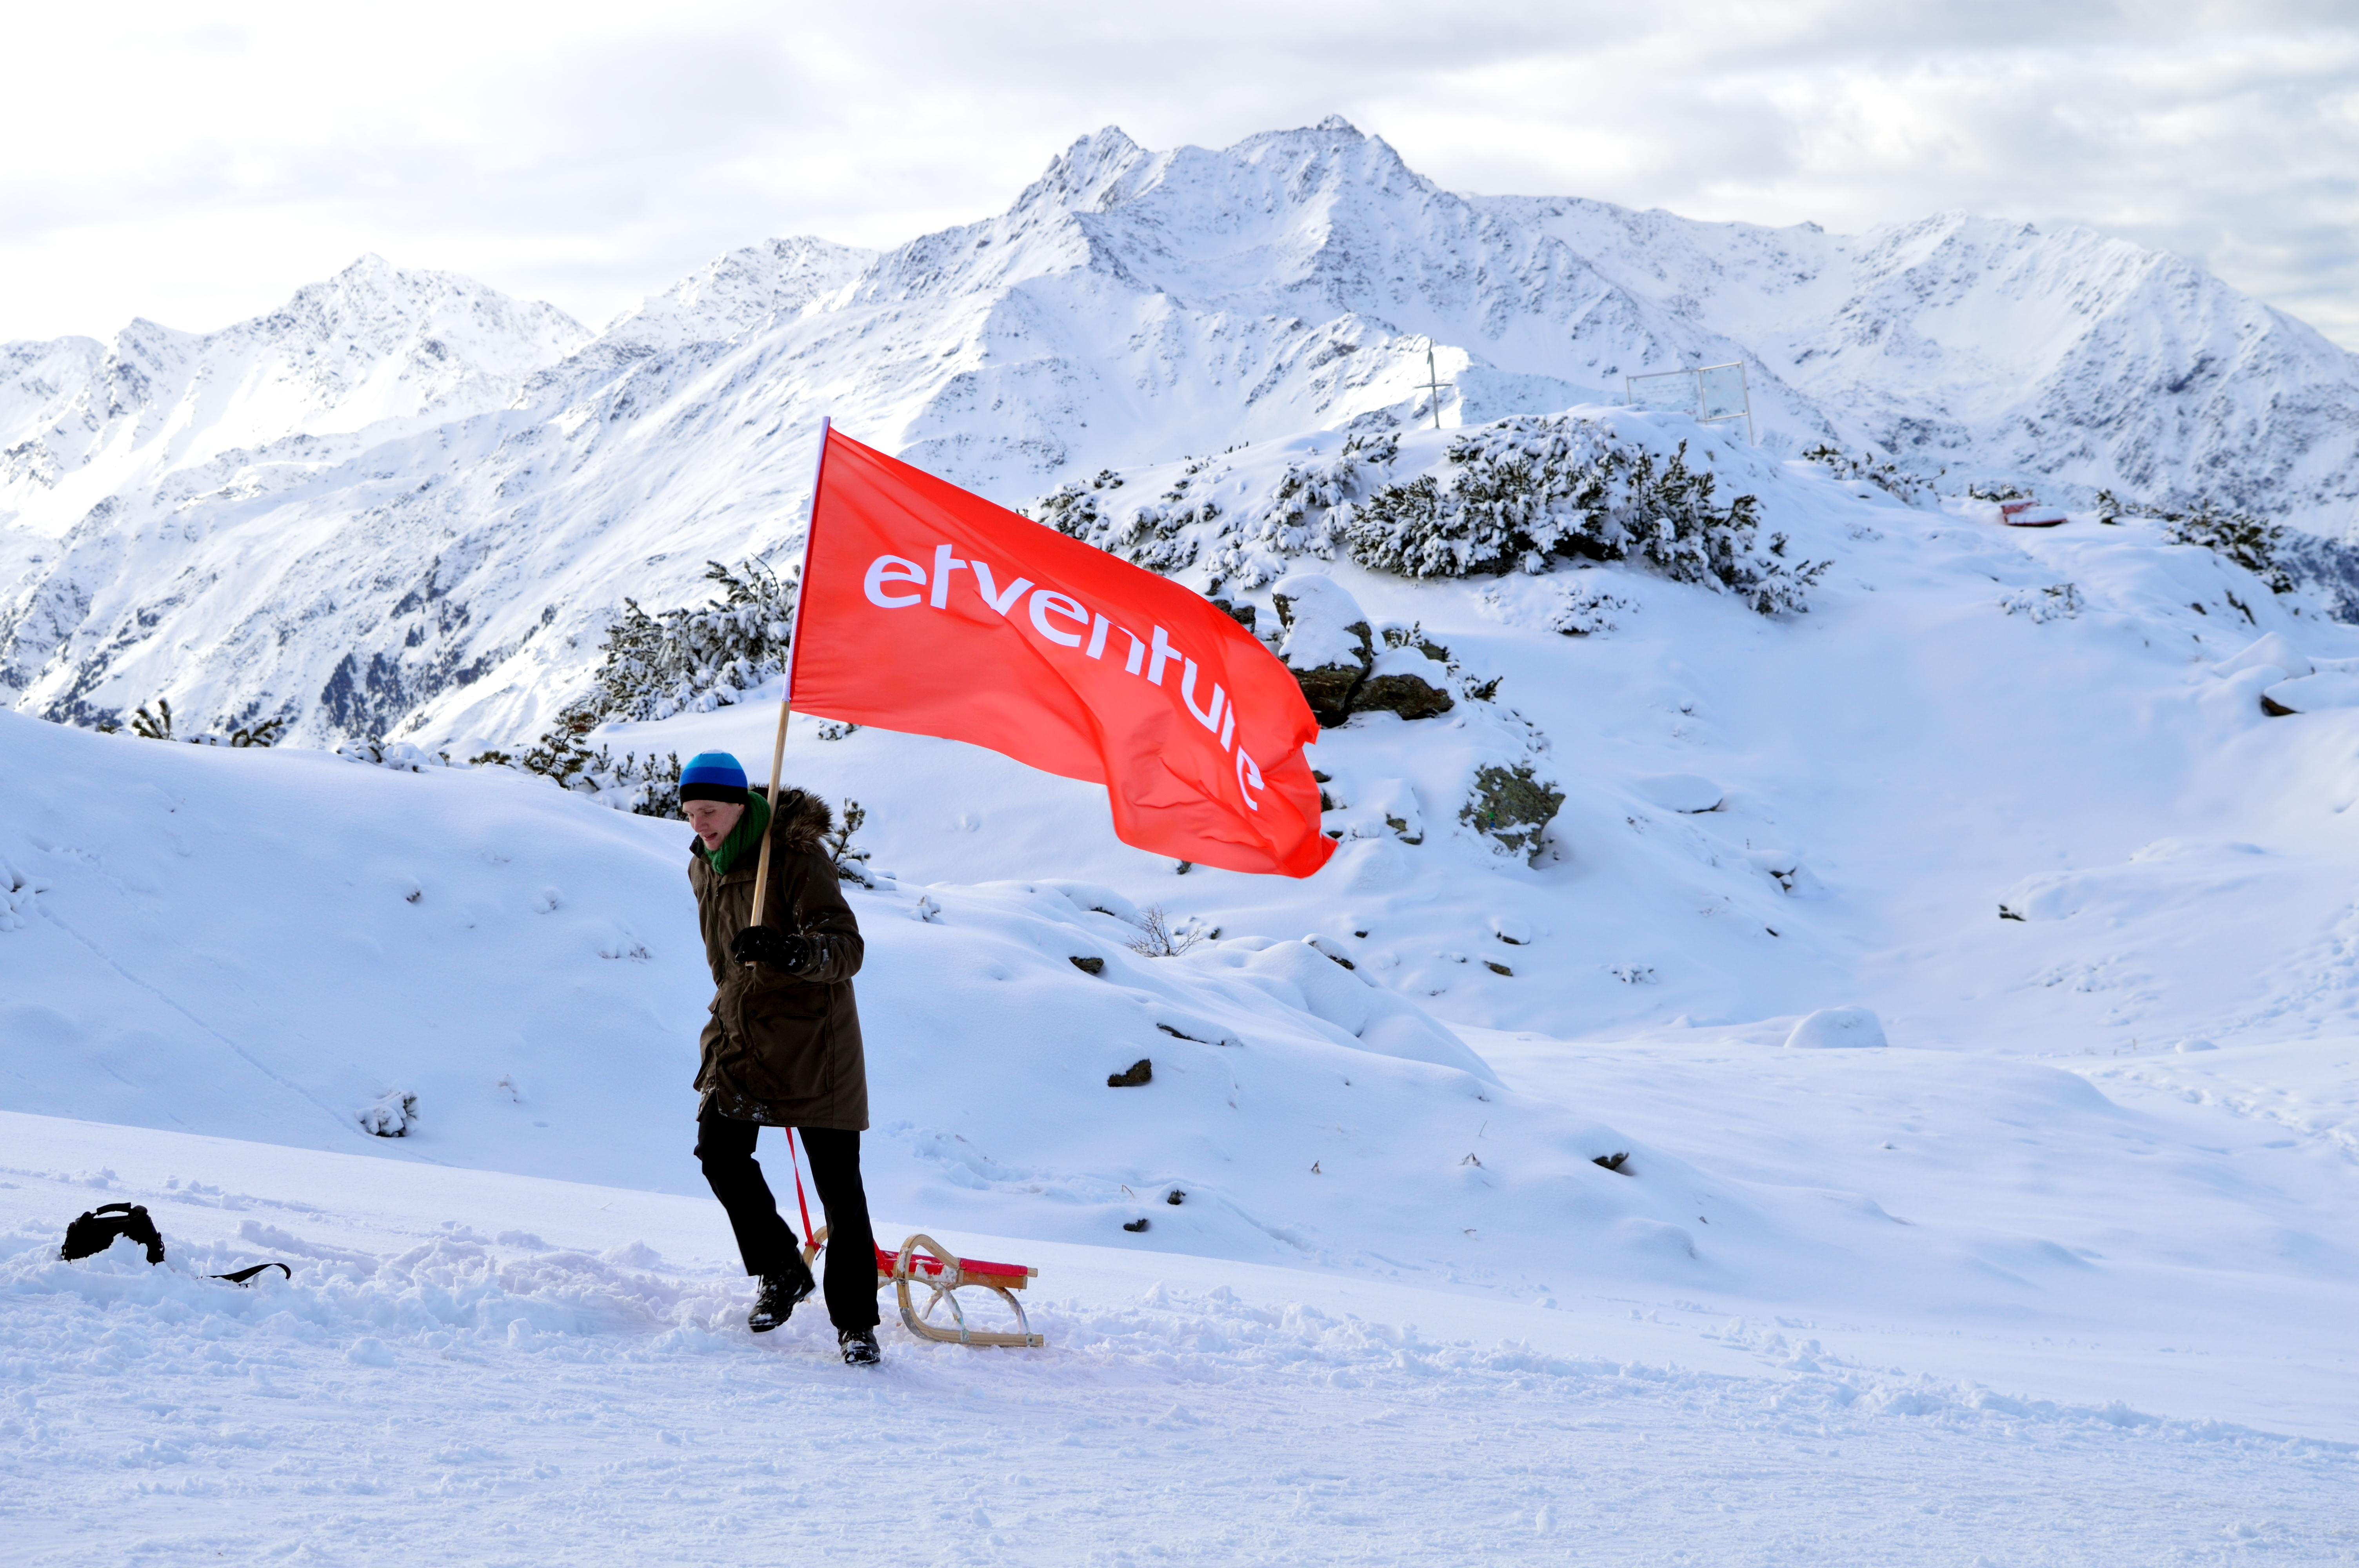 etventure wünscht frohe Weihnachten und einen guten Start ins neue Jahr